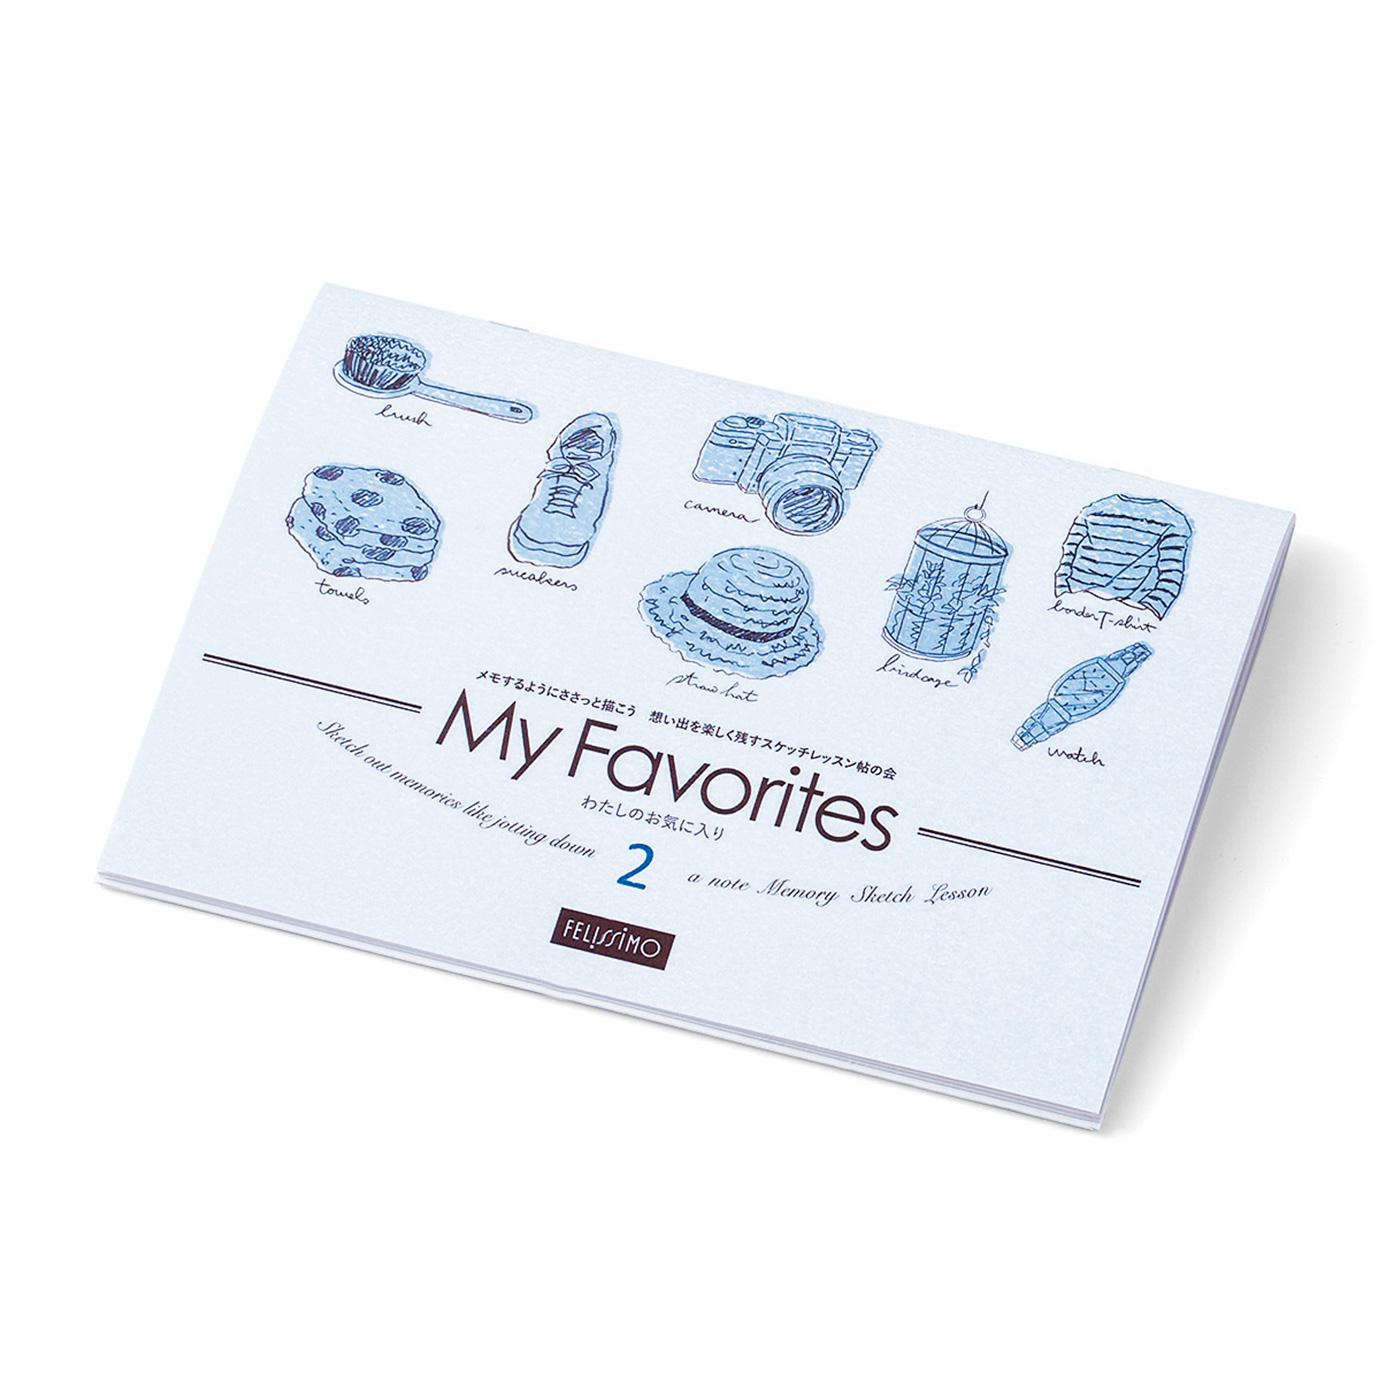 ミニツク(趣味と自分磨きの通信講座)|メモするようにささっと描こう 思い出を楽しく残すスケッチレッスン帖プログラム[6回予約プログラム]|セット画材:クロッキーブック